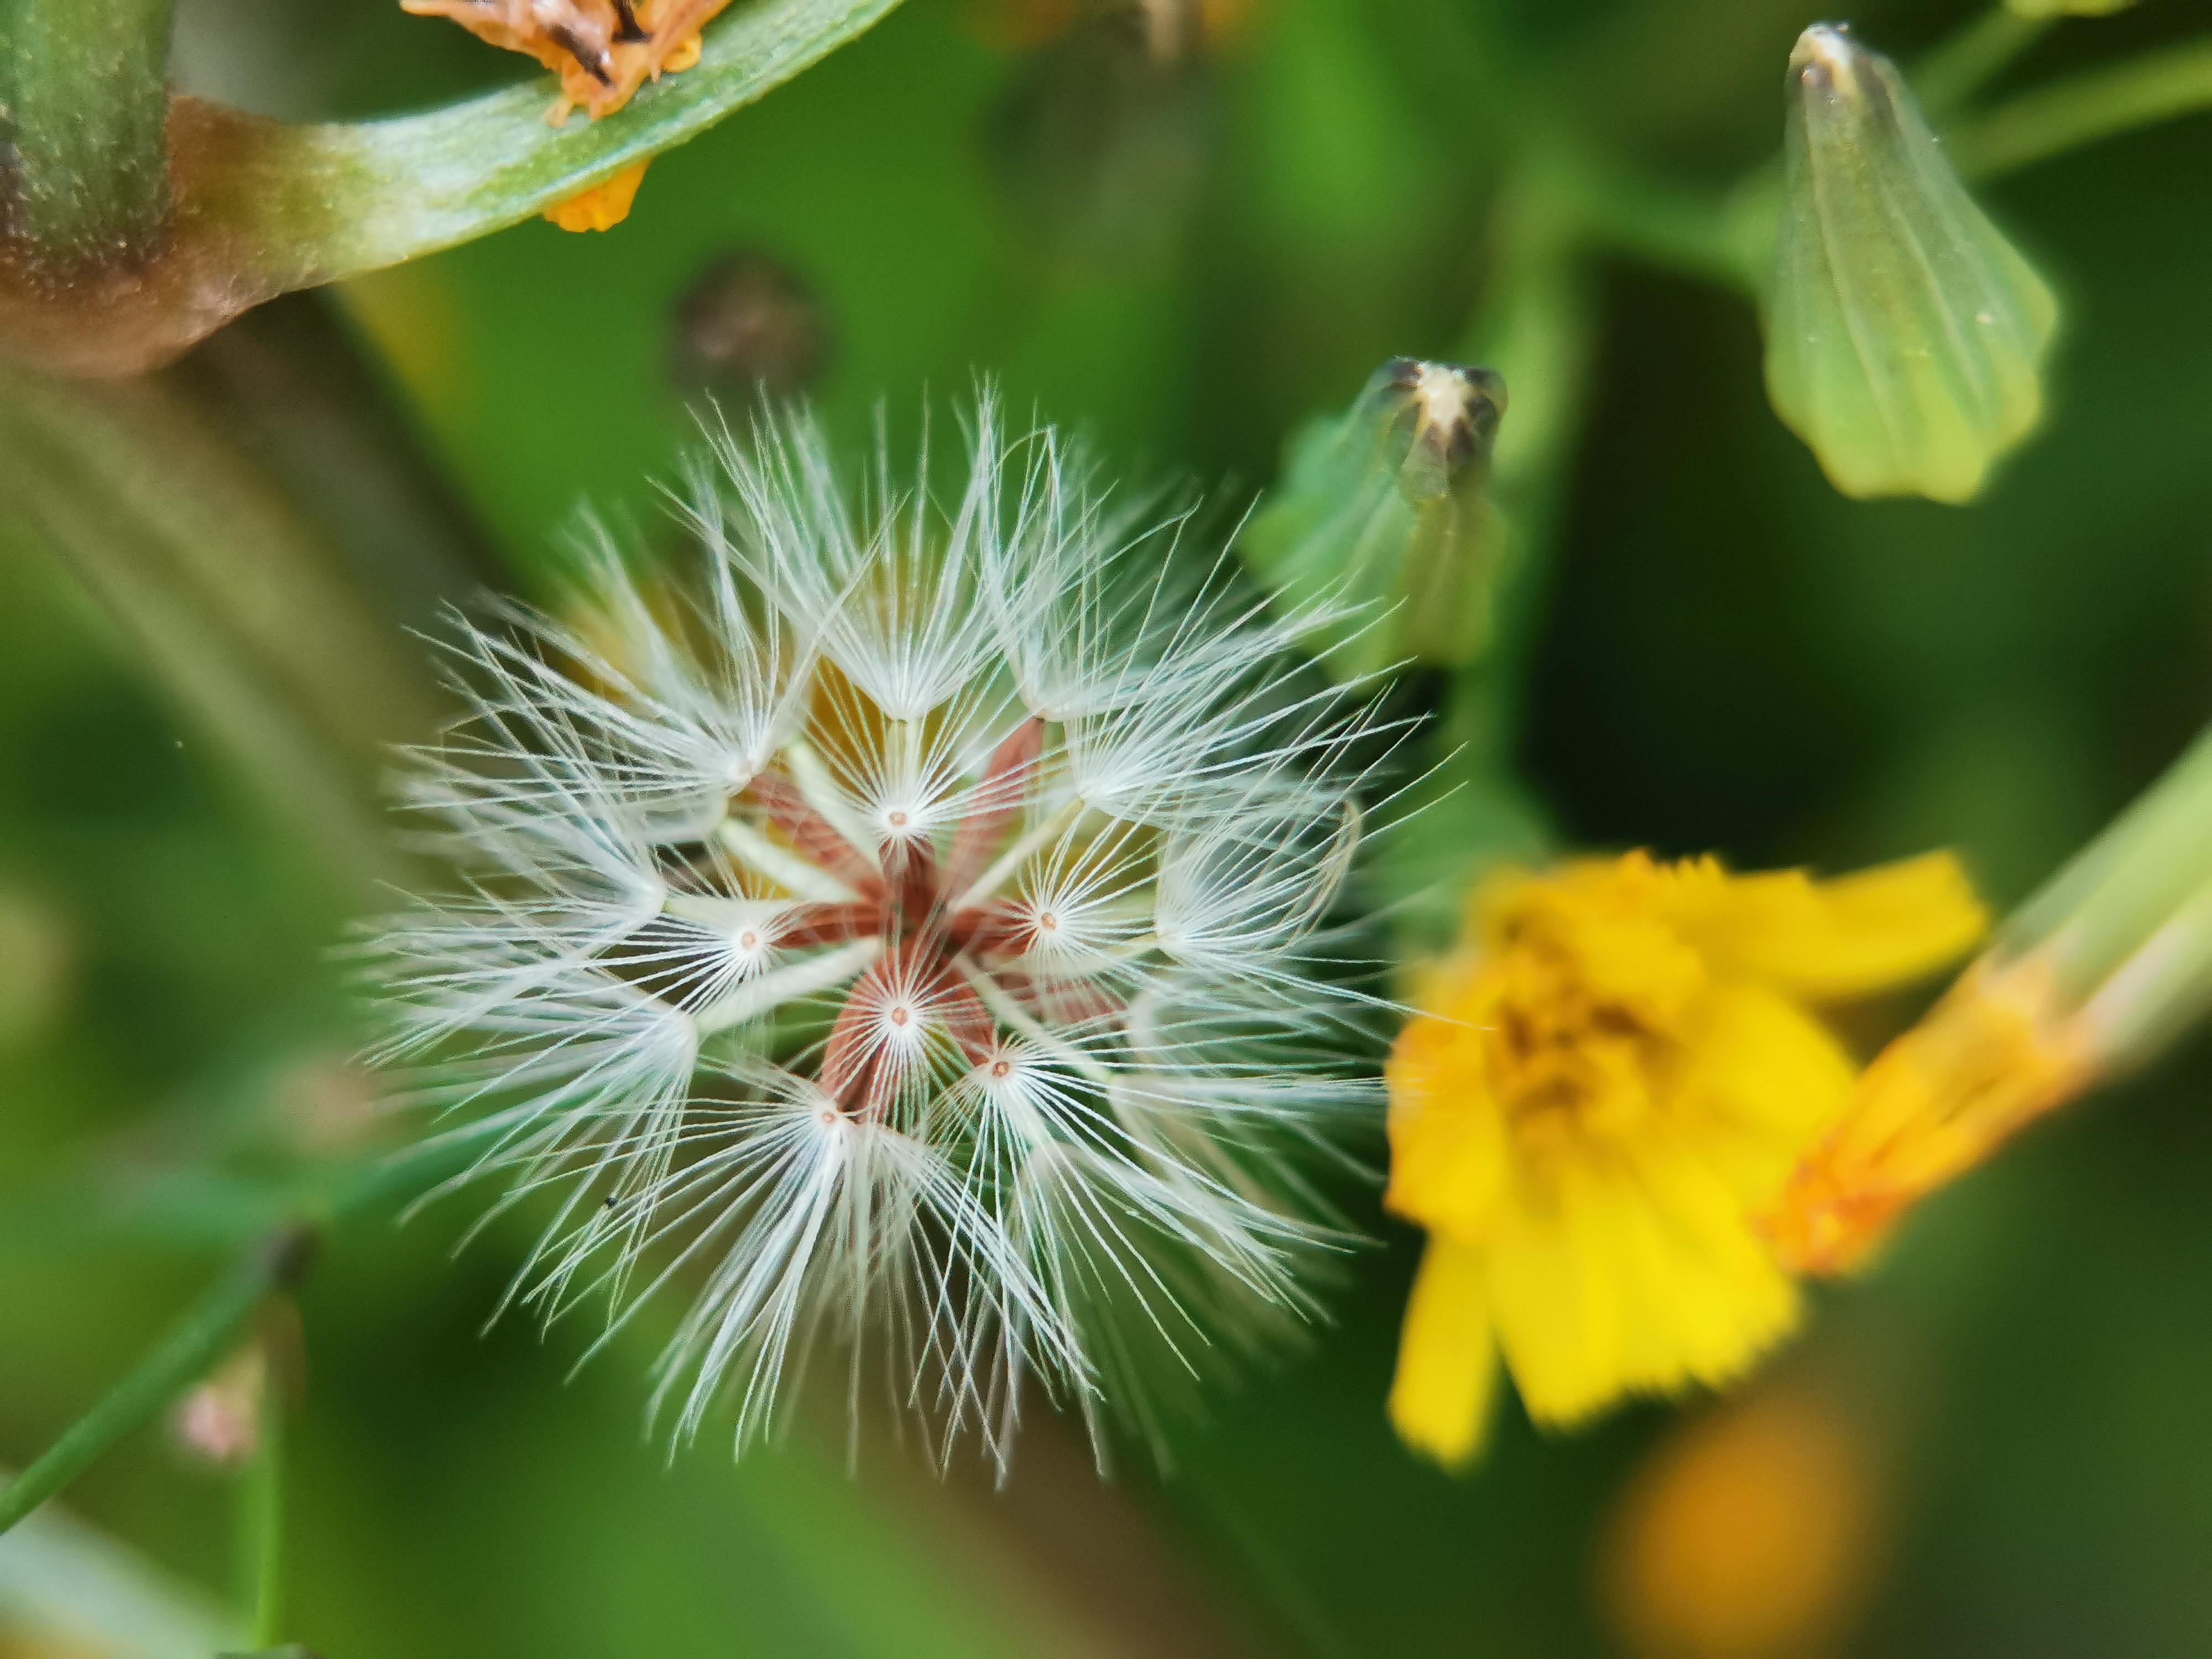 蜜蜂吃了花粉起什么用(蜜蜂吃花粉还是吃花蜜)